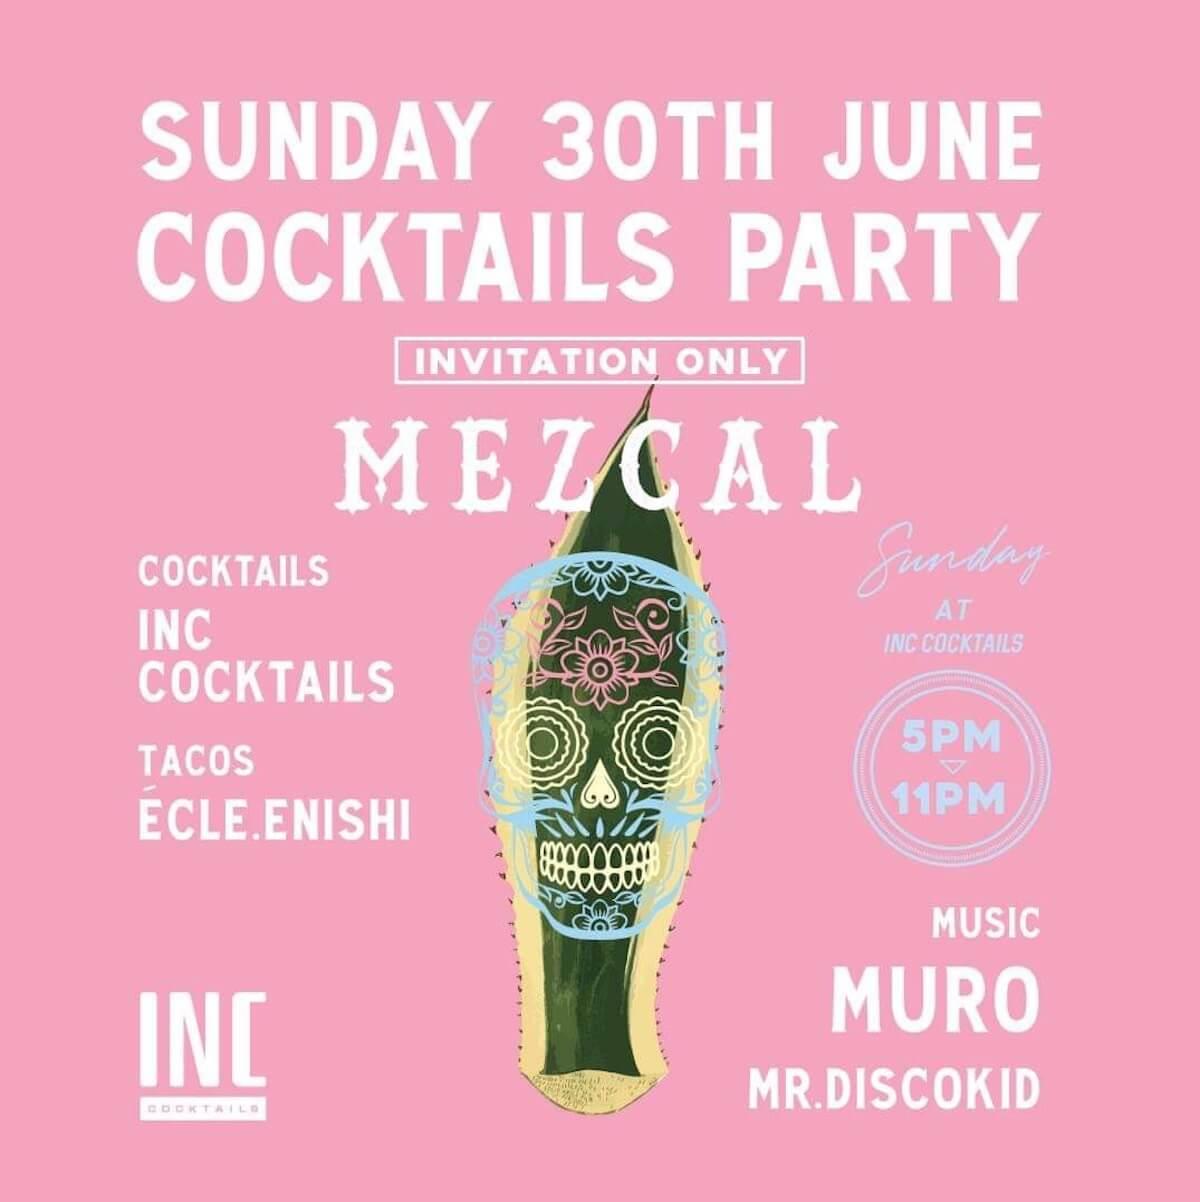 青山・INC COCKTAILSで夏を彩るサマーカクテルパーティーが開催|MURO、Mr. DISCO KIDが登場 gourmet190611_inc_cocktails_main